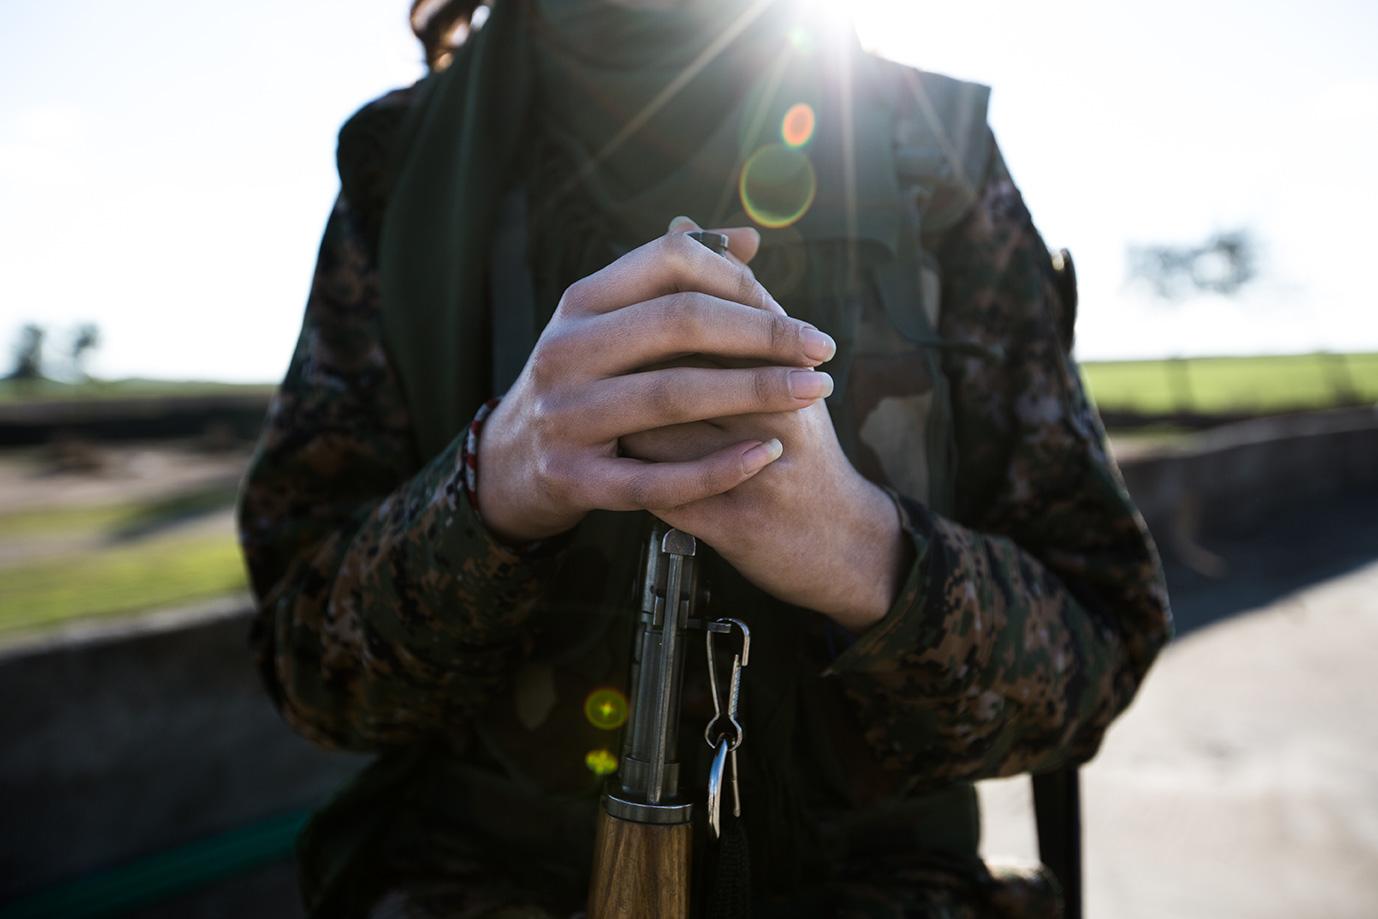 christian female fighter hands kalashnikov